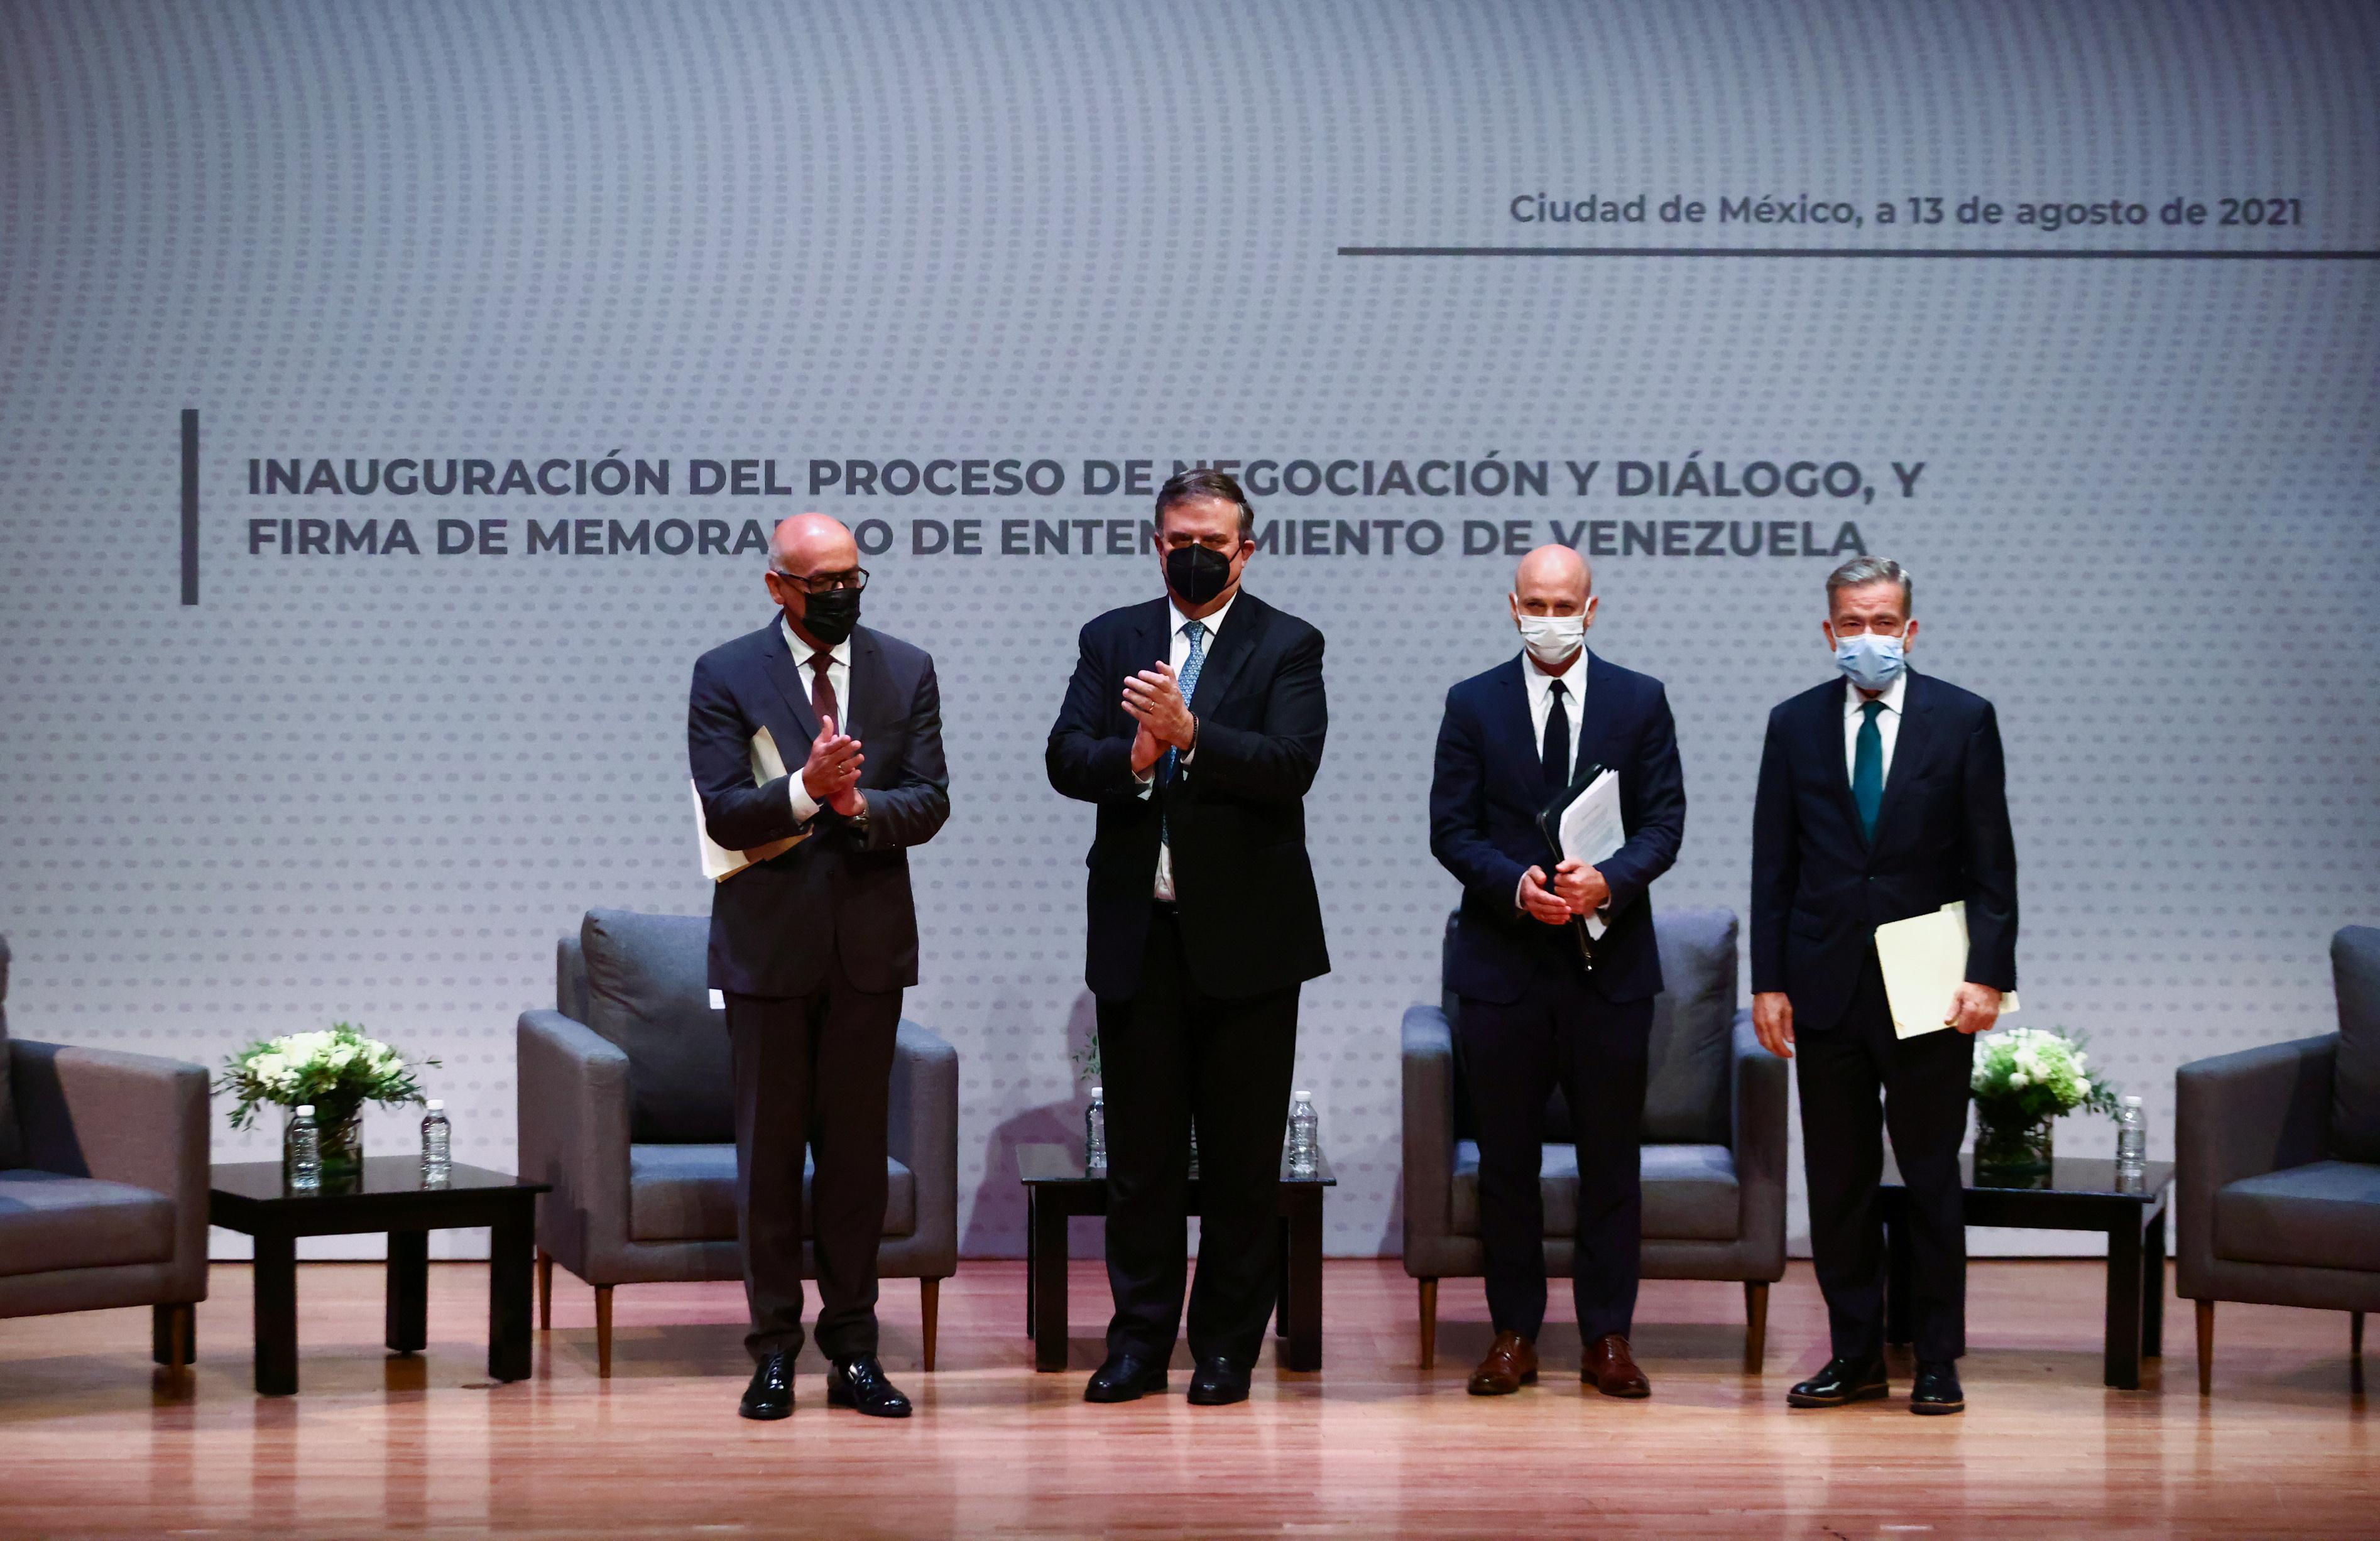 Venezuela: las reacciones de la oposición tras el comienzo del diálogo por  la paz en México - Infobae